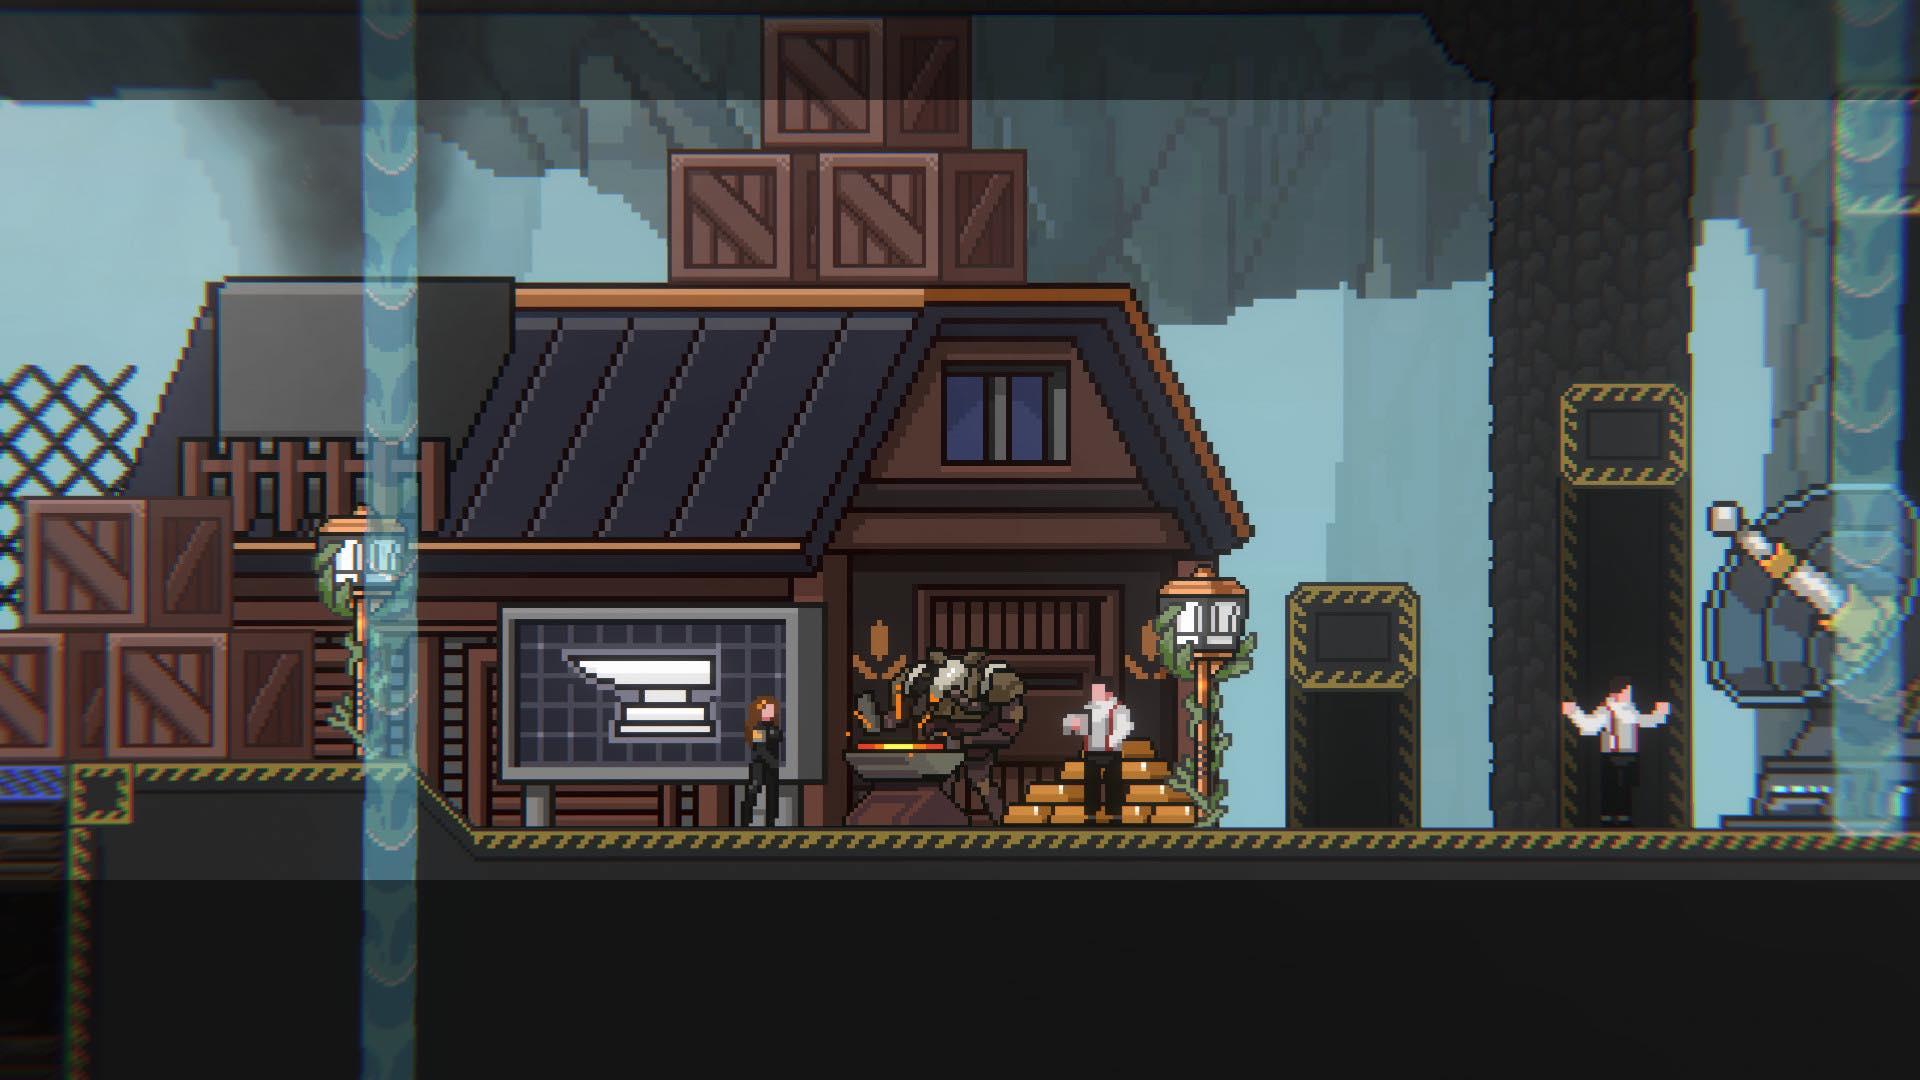 Neowiz Publicara Metal Unit Aventura 2d Pixelada Para Steam Allgamersin